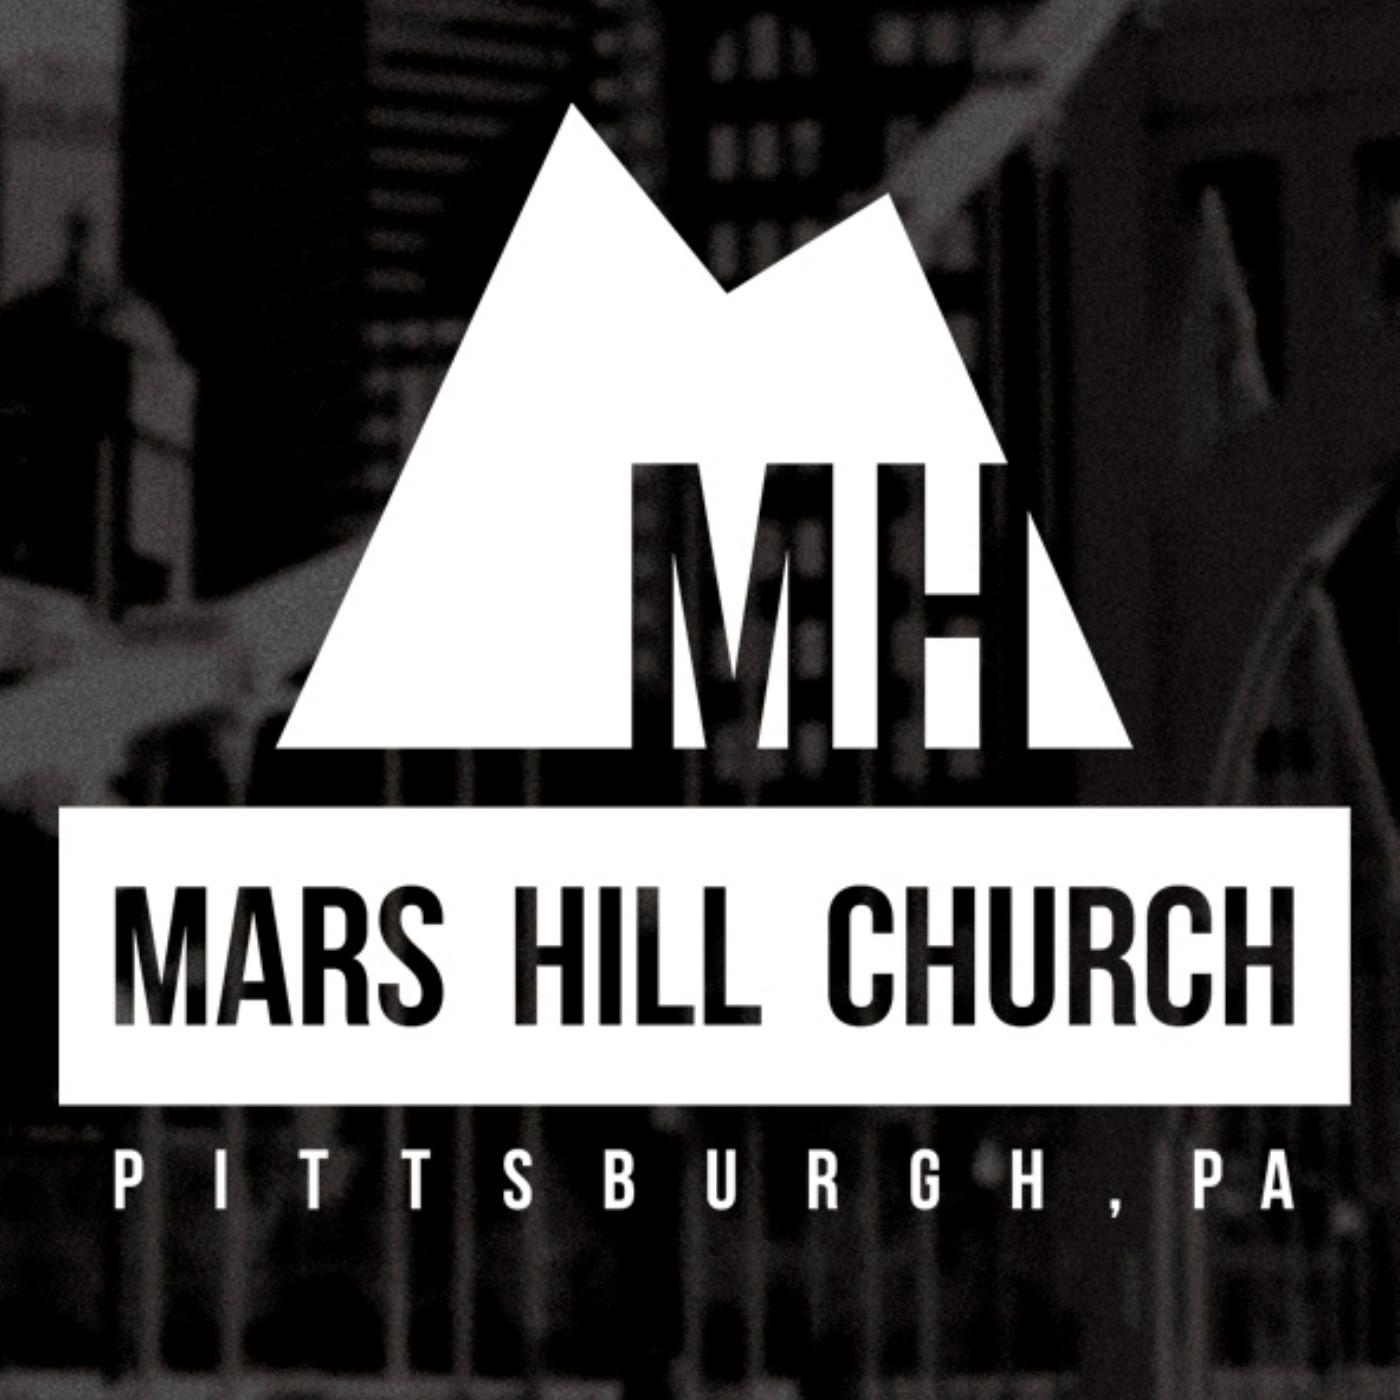 Mars Hill Church - Pittsburgh, PA